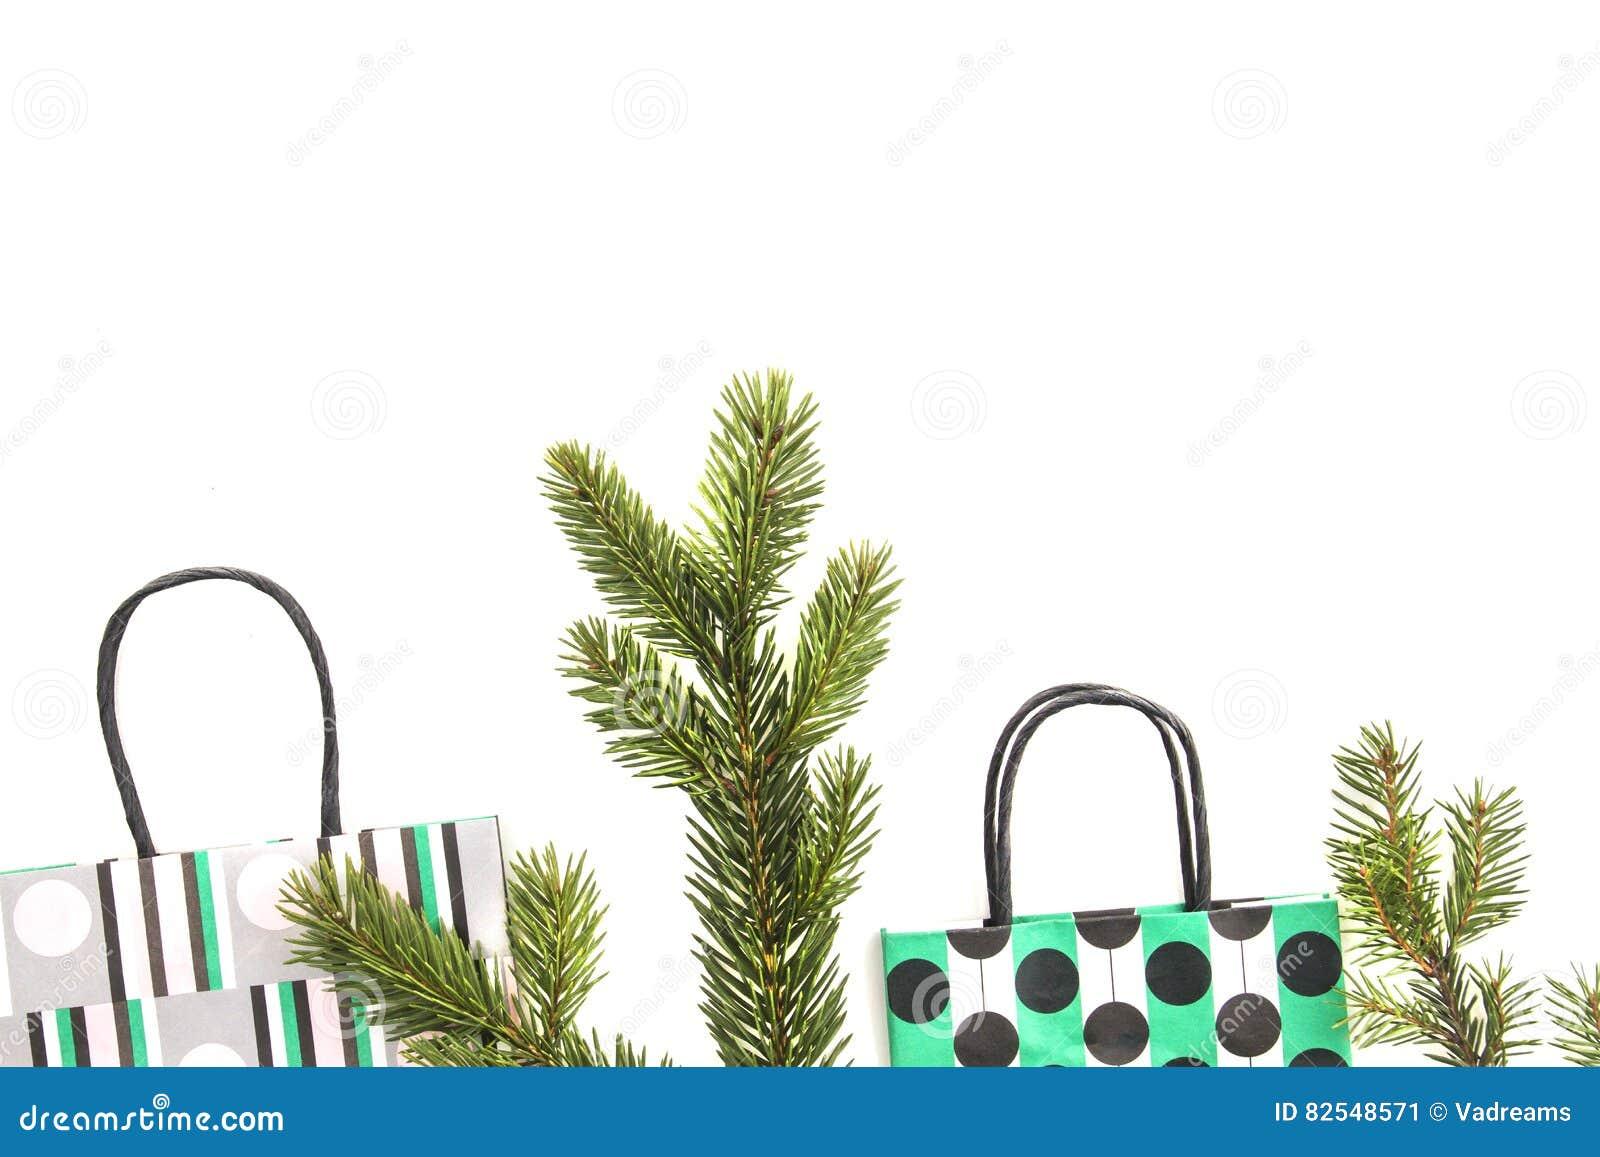 paniers et branche d'arbre colorés de sapin sur le fond blanc